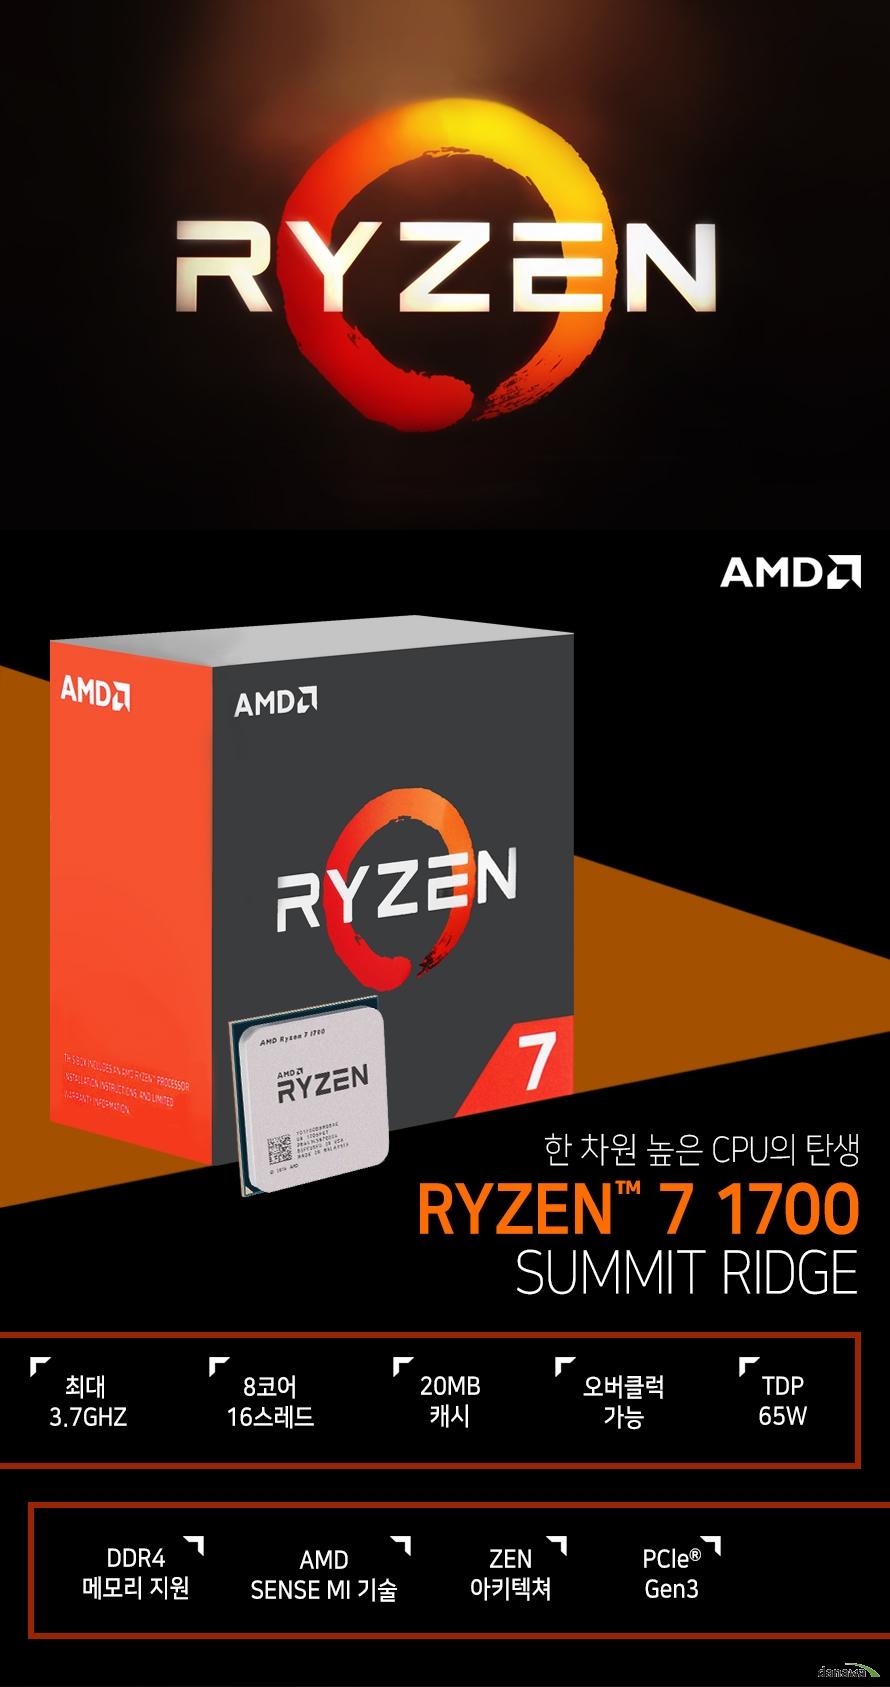 한 차원 높은 CPU의 탄생         RYZEN 7 1700         SUMMIT RIDGE                  최대 3.7GHZ          8코어 16스레드         20MB 캐시         오버클럭 가능         TDP 65W         DDR4 메모리 지원         AMD SENSE MI 기술         ZEN 아키텍쳐         PCle Gen 3